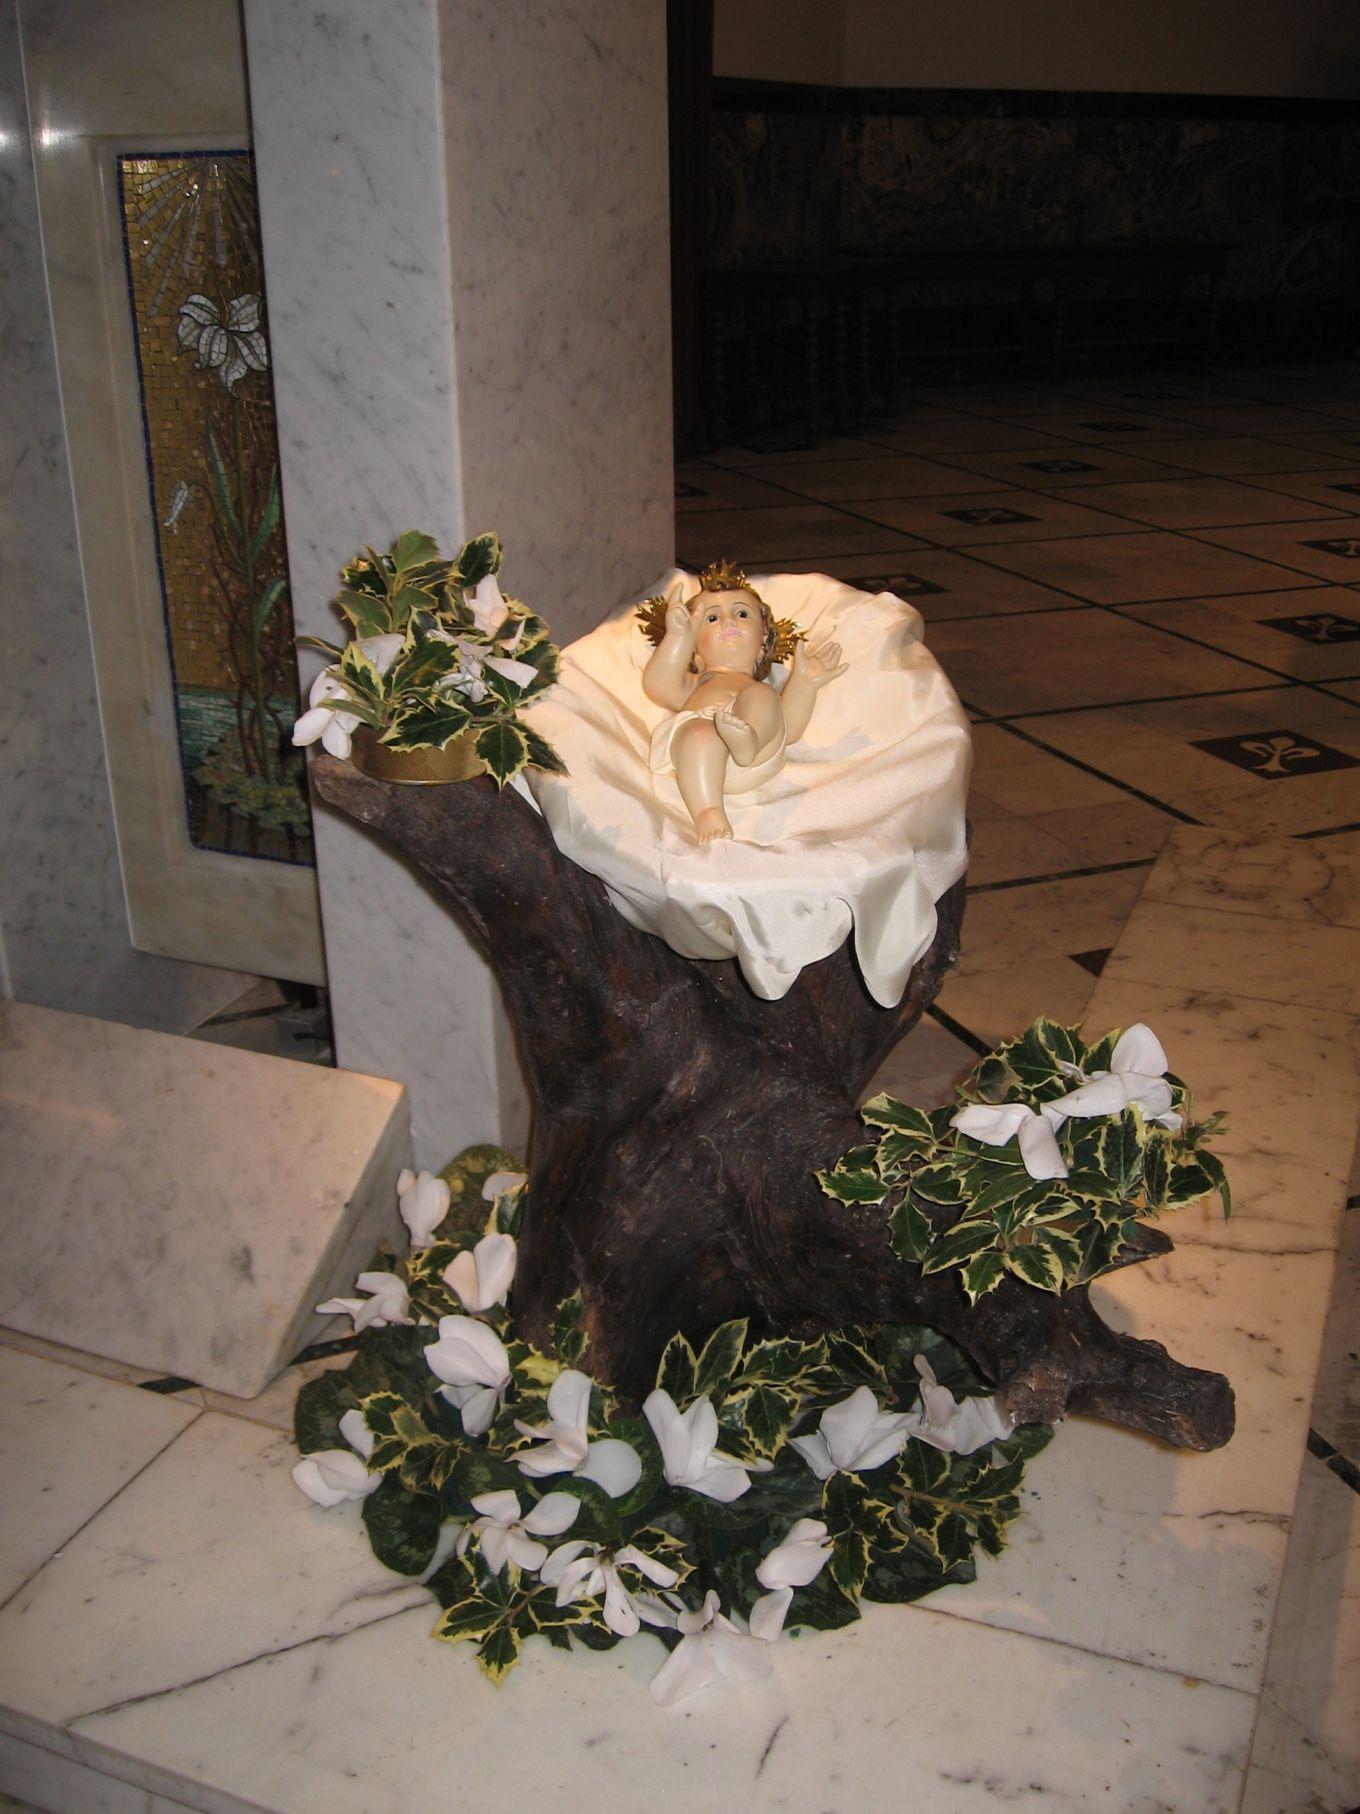 Chiesa_decorazioni-2008-12-26--10.37.05.jpg